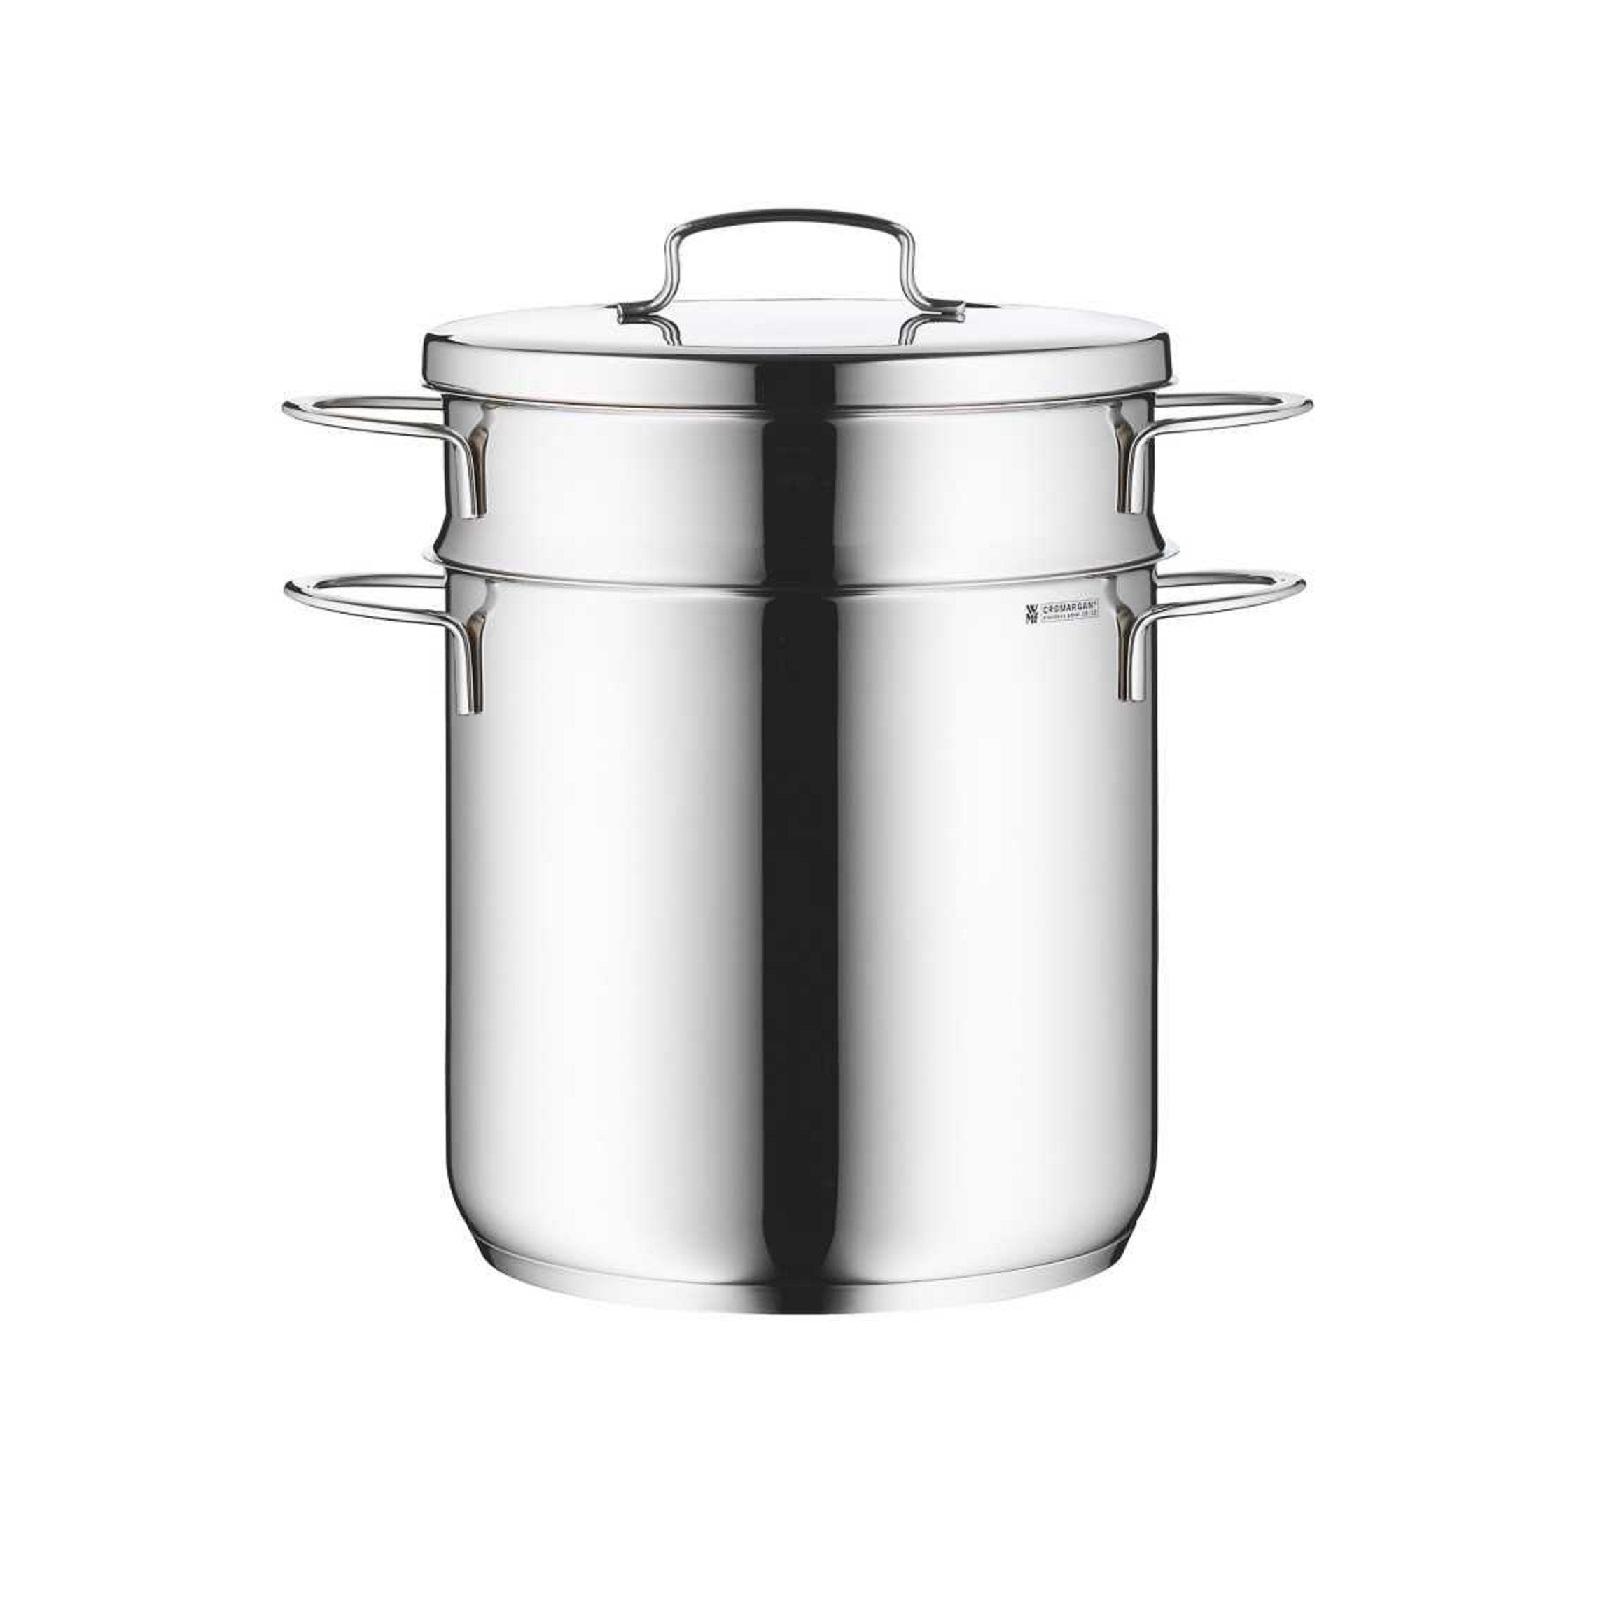 Кастрюля для спагетти WMF Mini, объем 3 л, серебристый WMF 07 1882 6040 фото 1